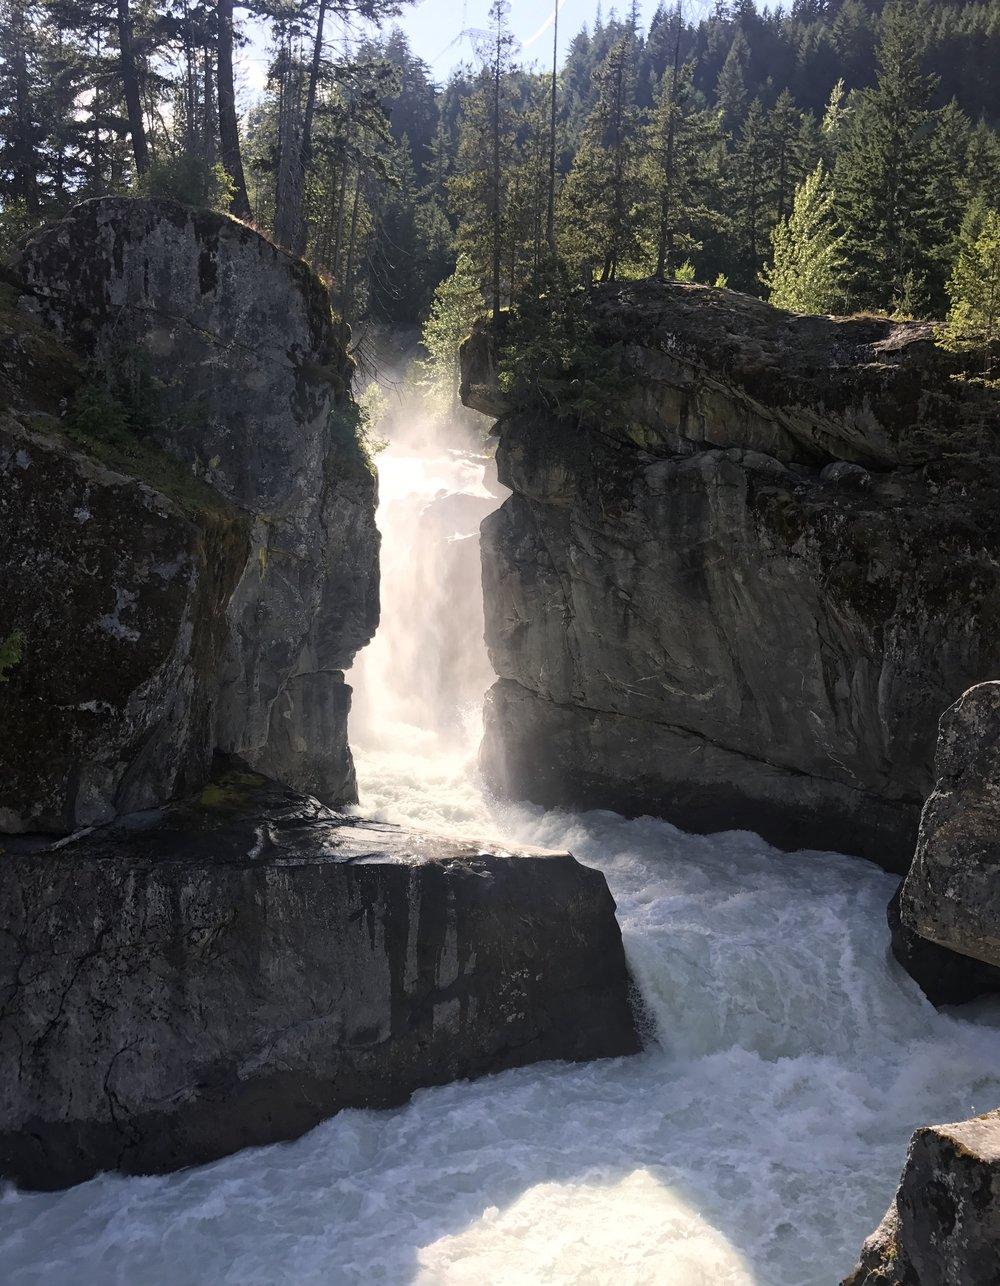 Nairn Falls, Pemberton, British Columbia, Canada